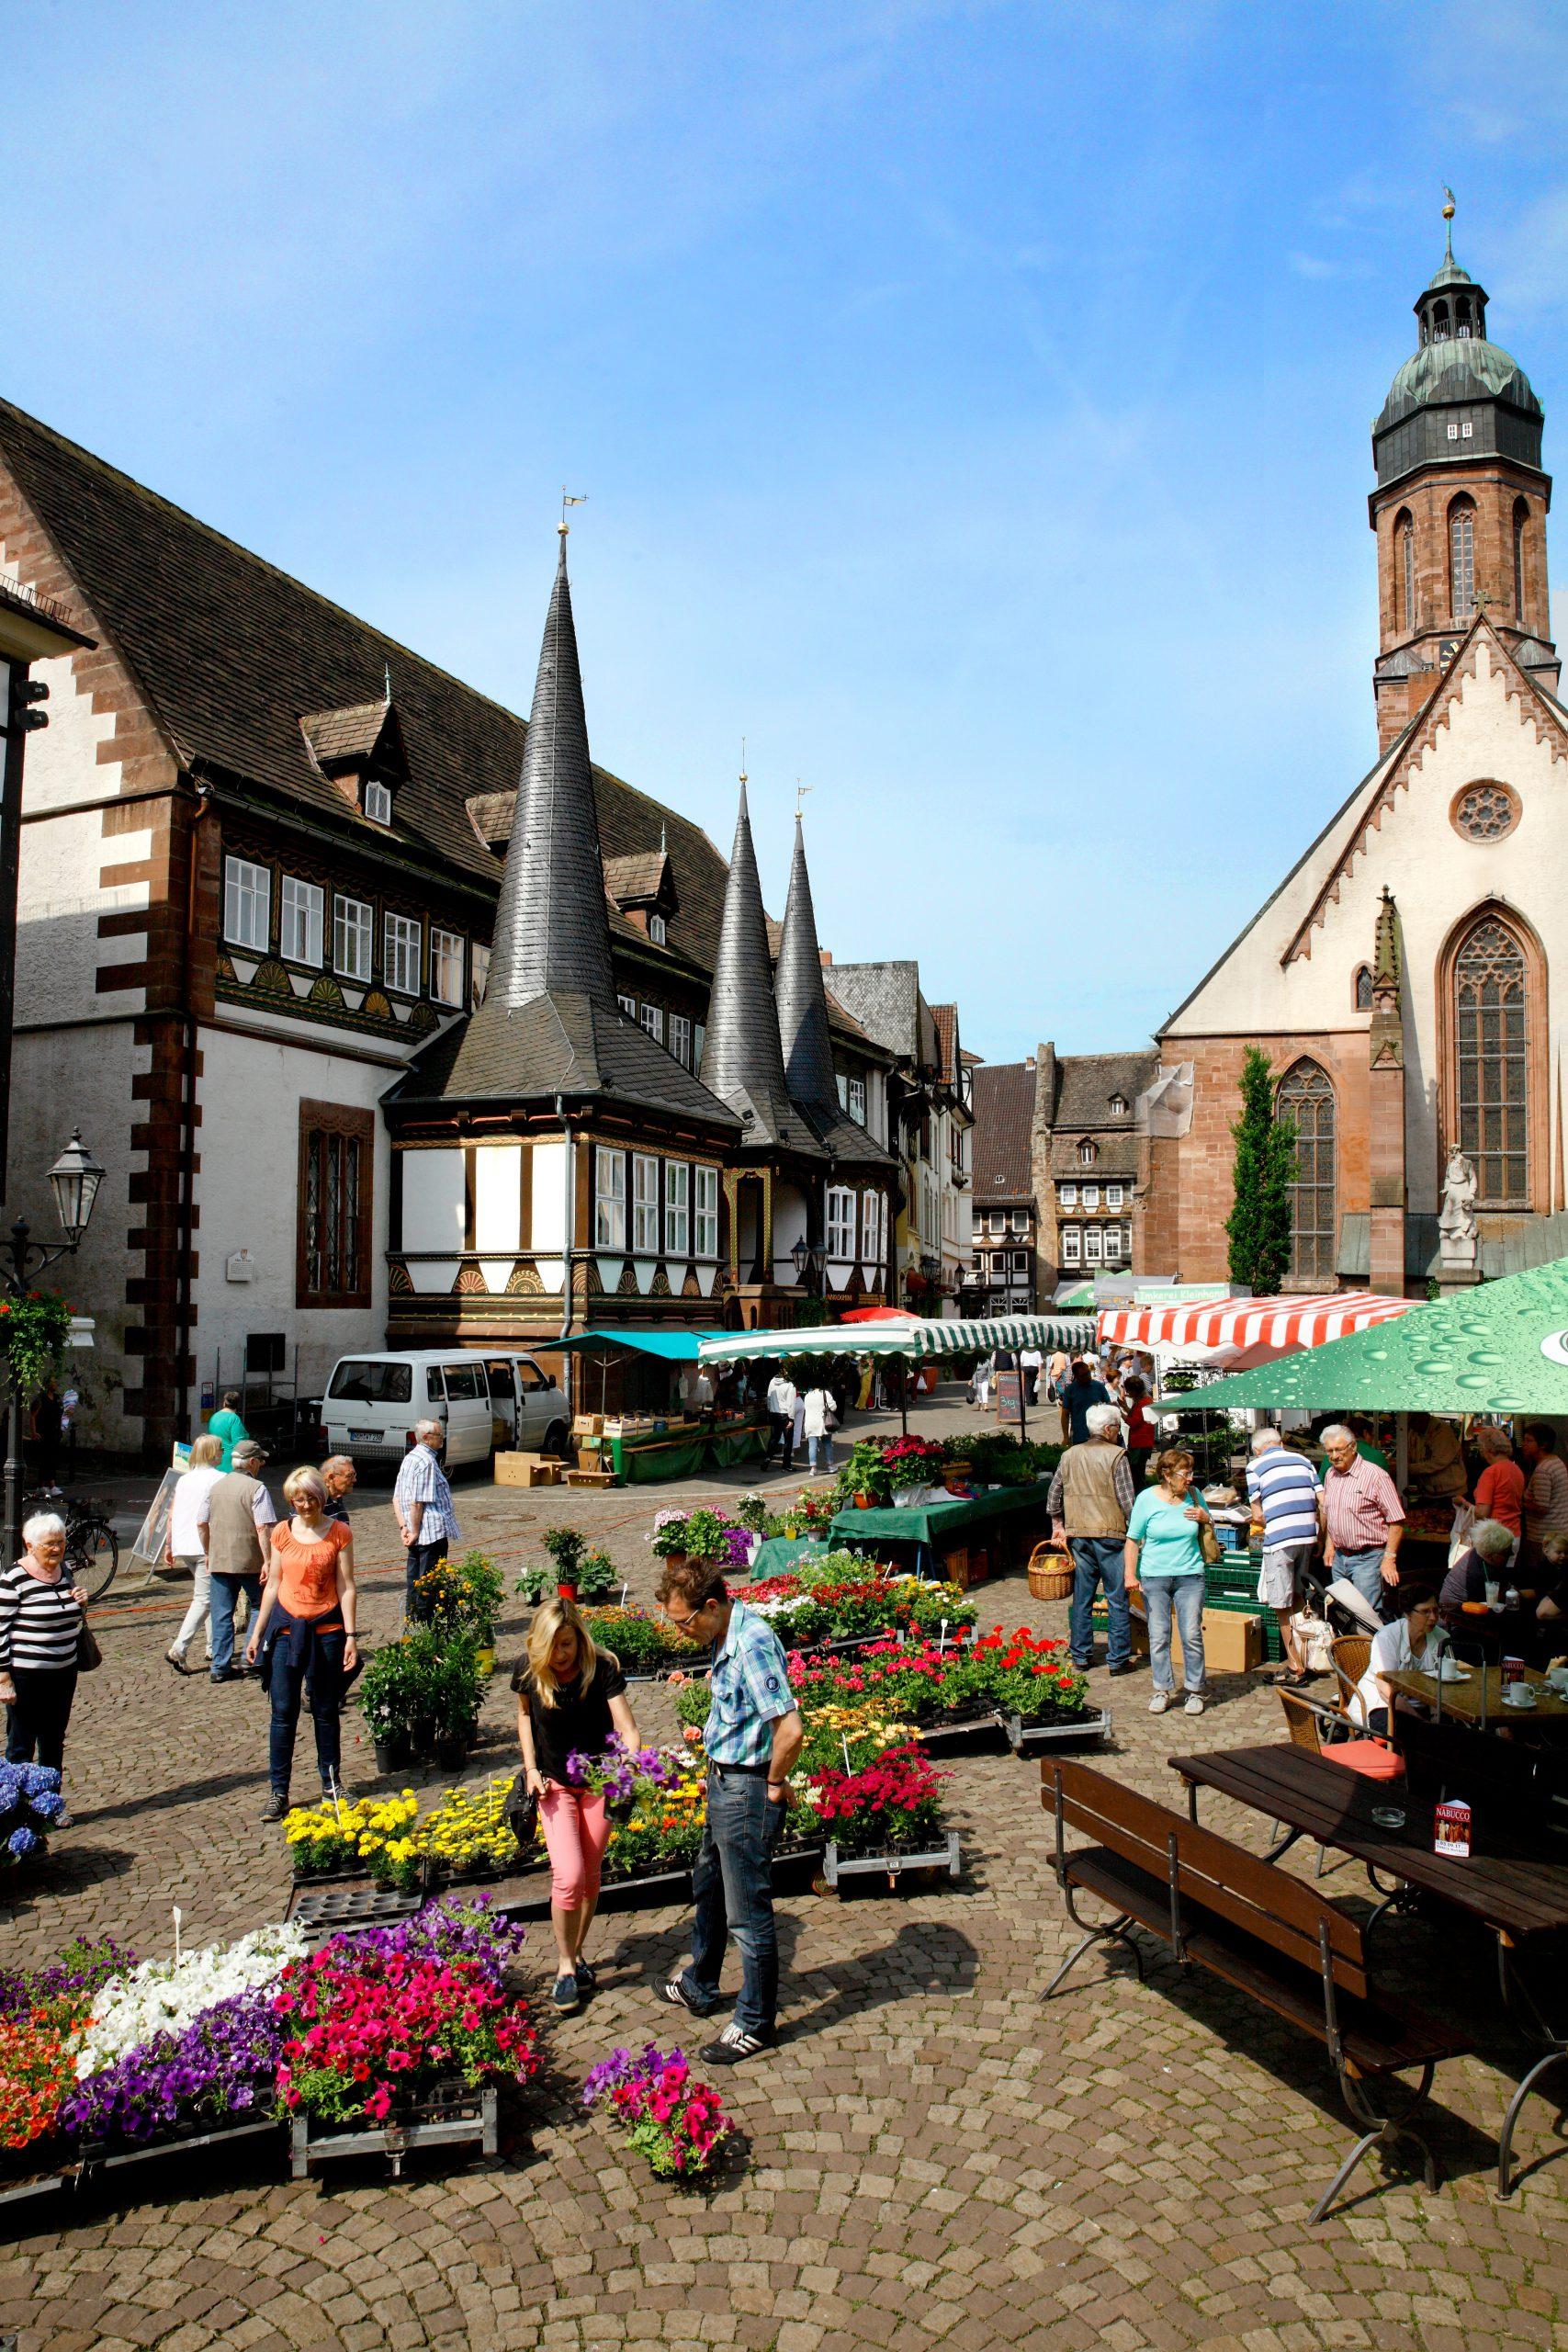 Wochenmarkt in Einbeck